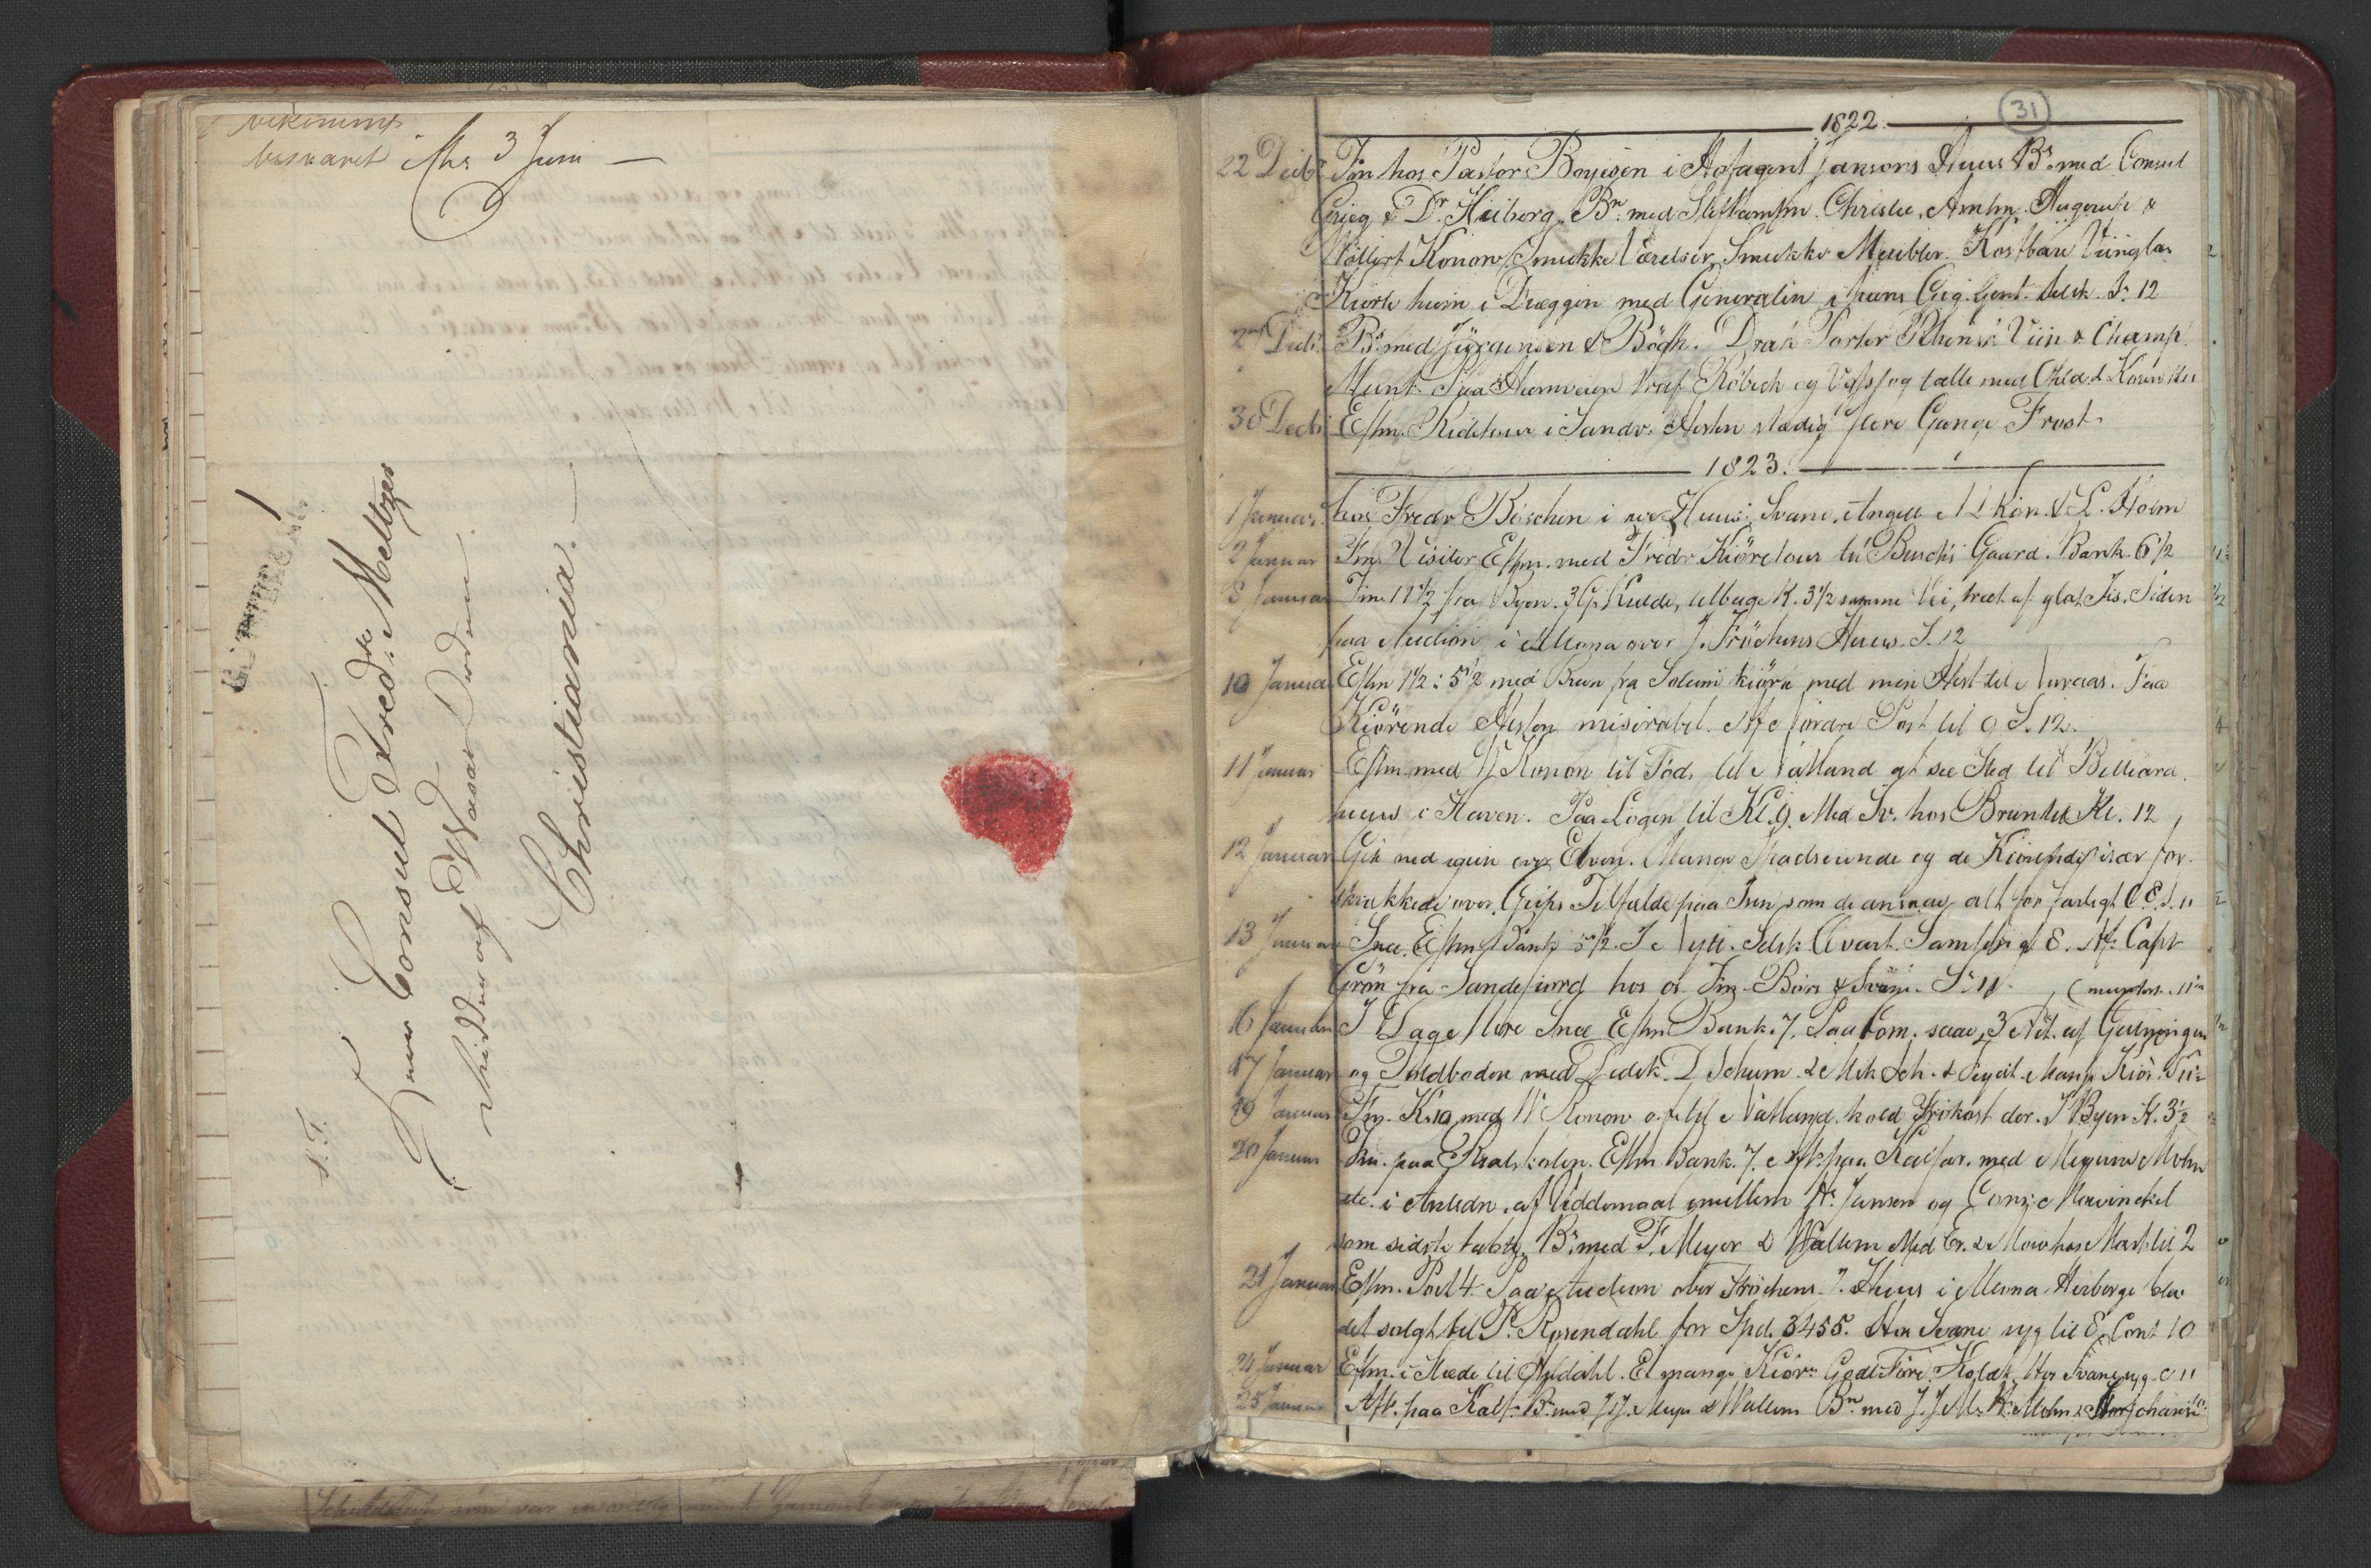 RA, Meltzer, Fredrik, F/L0003: Dagbok, 1821-1831, s. 30b-31a